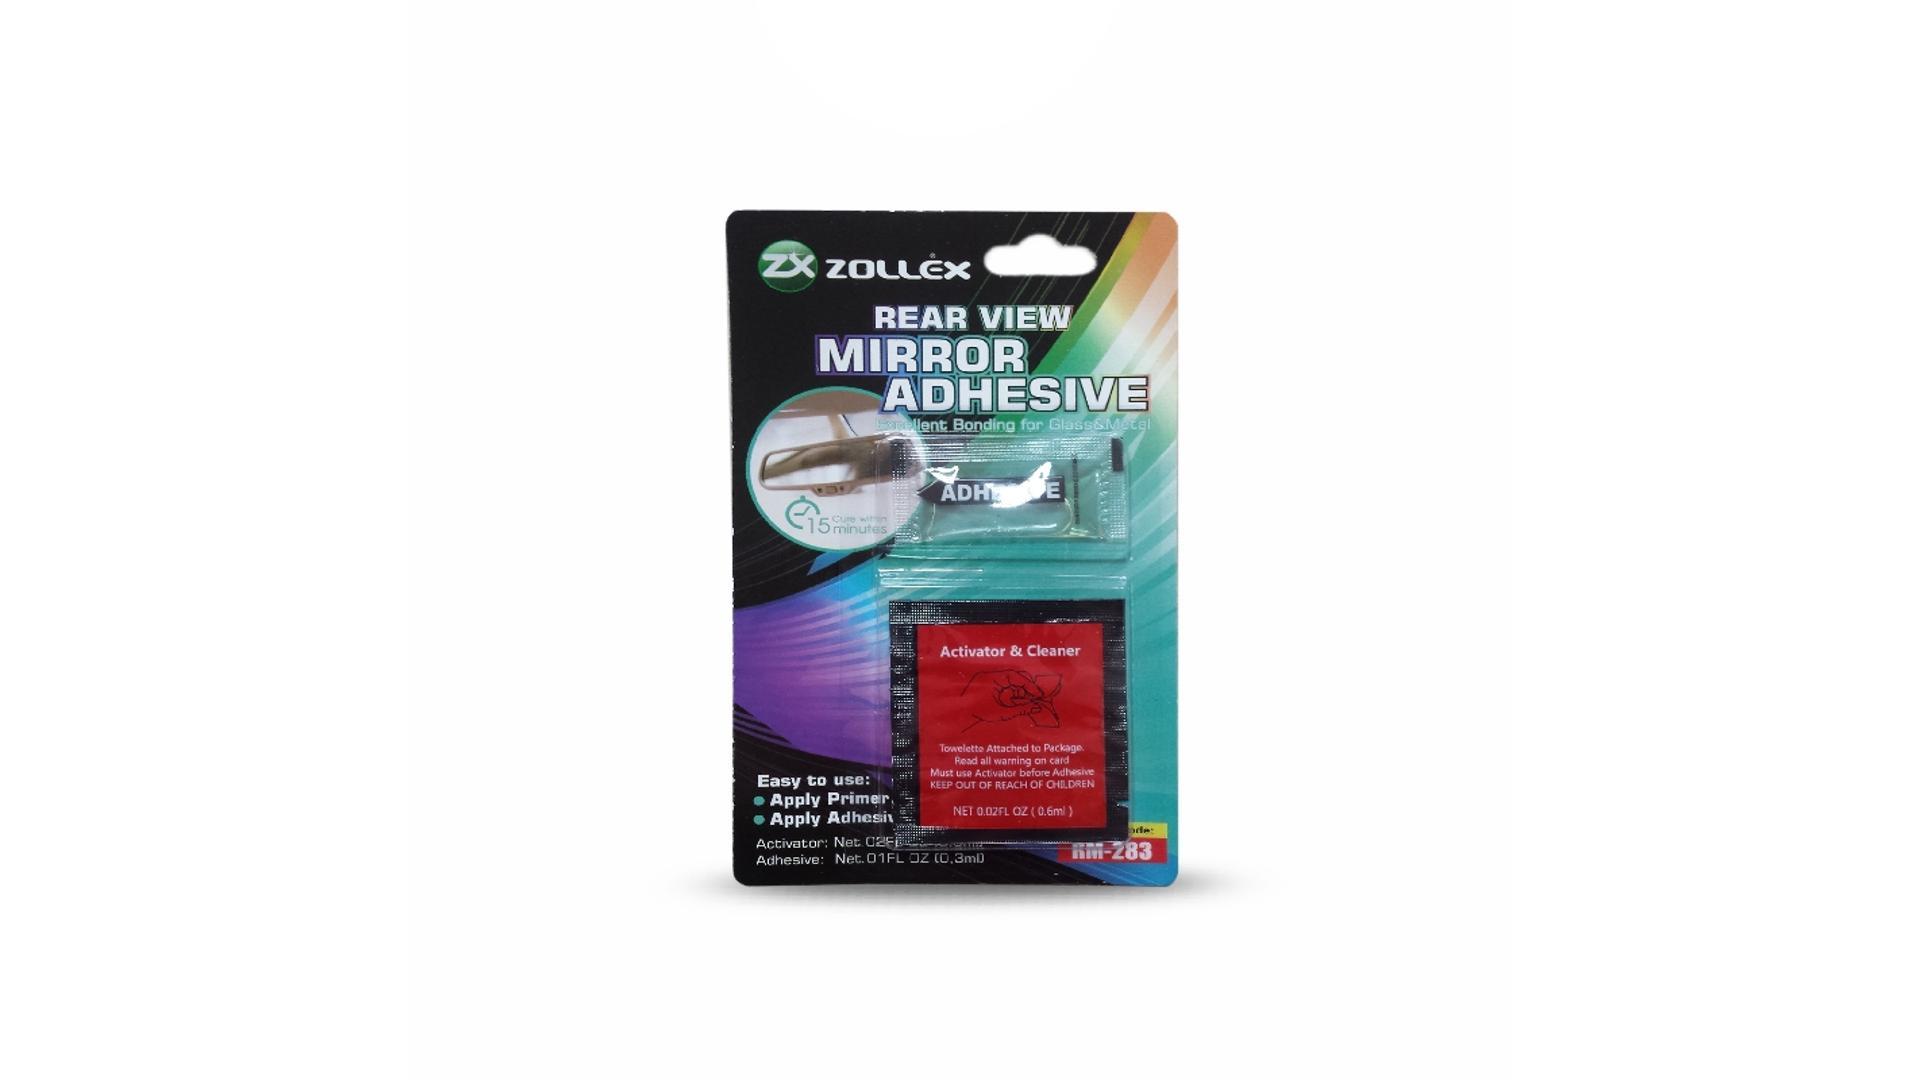 ZOLLEX nLepidlo na spätné zrkadlo 0,9 ml (RM-283)